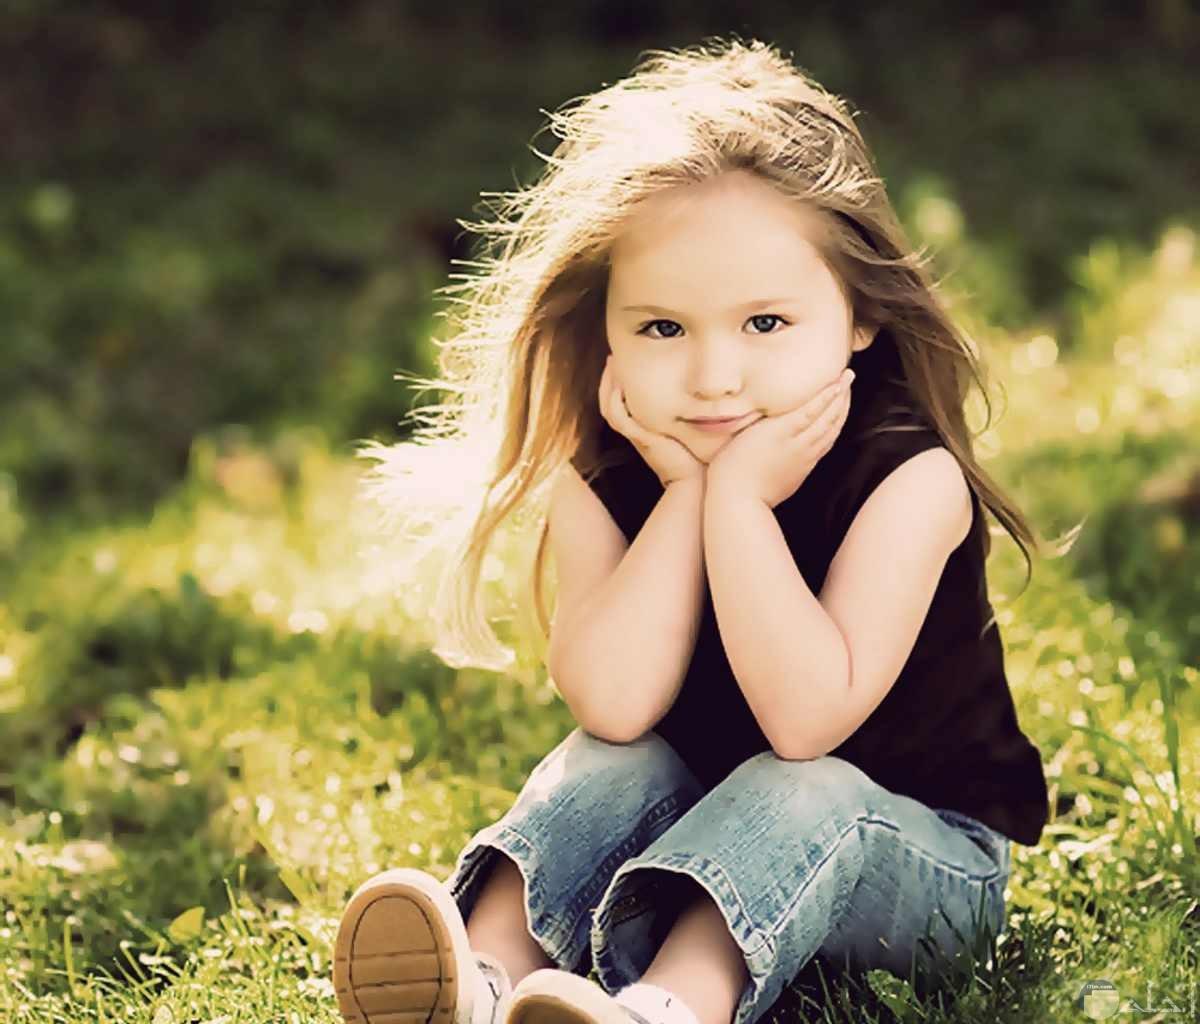 بنت جميلة تجلس على النجيلة الخضراء.